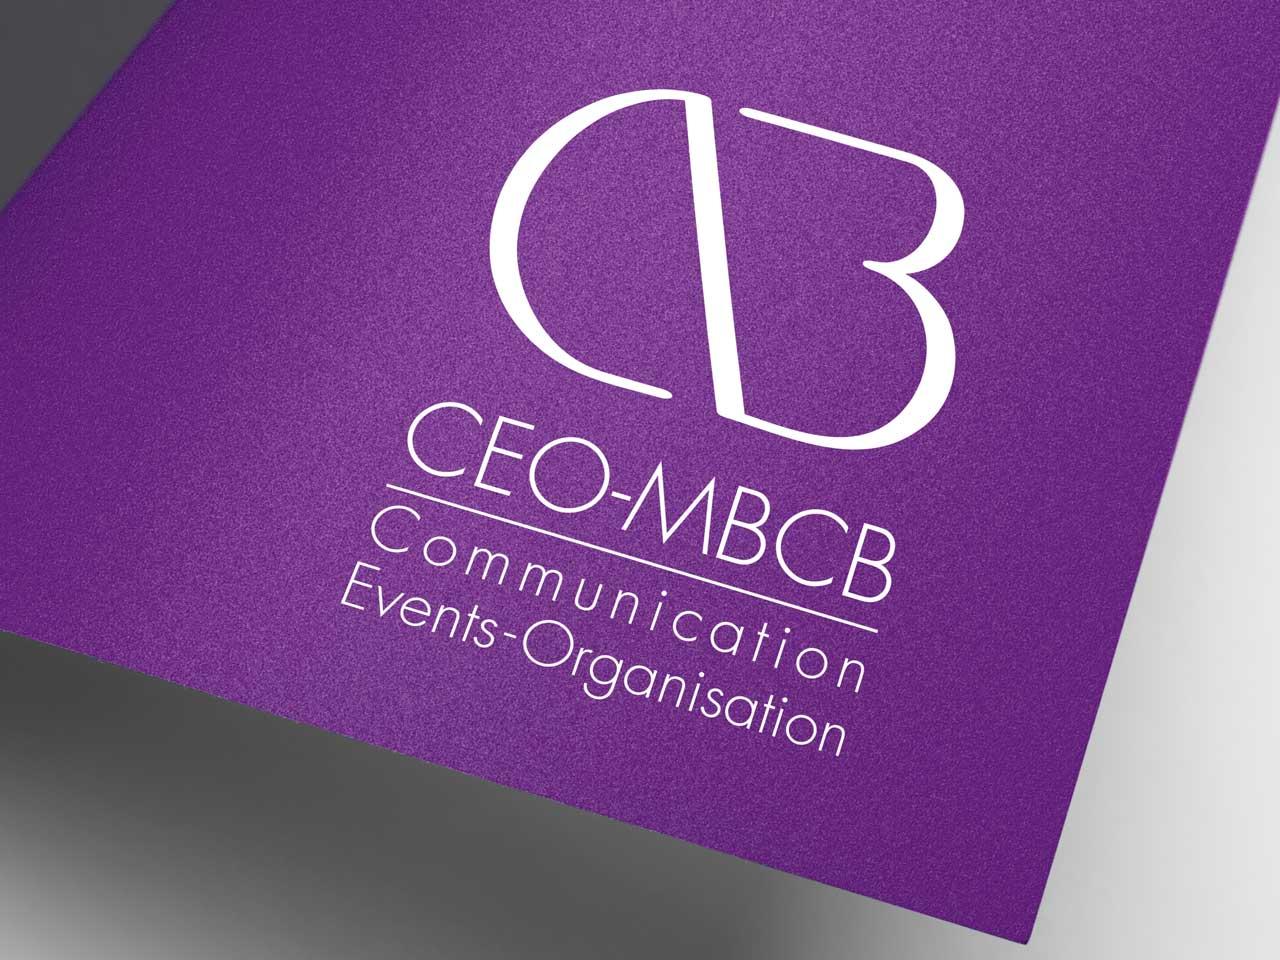 CEOCEOMBCB